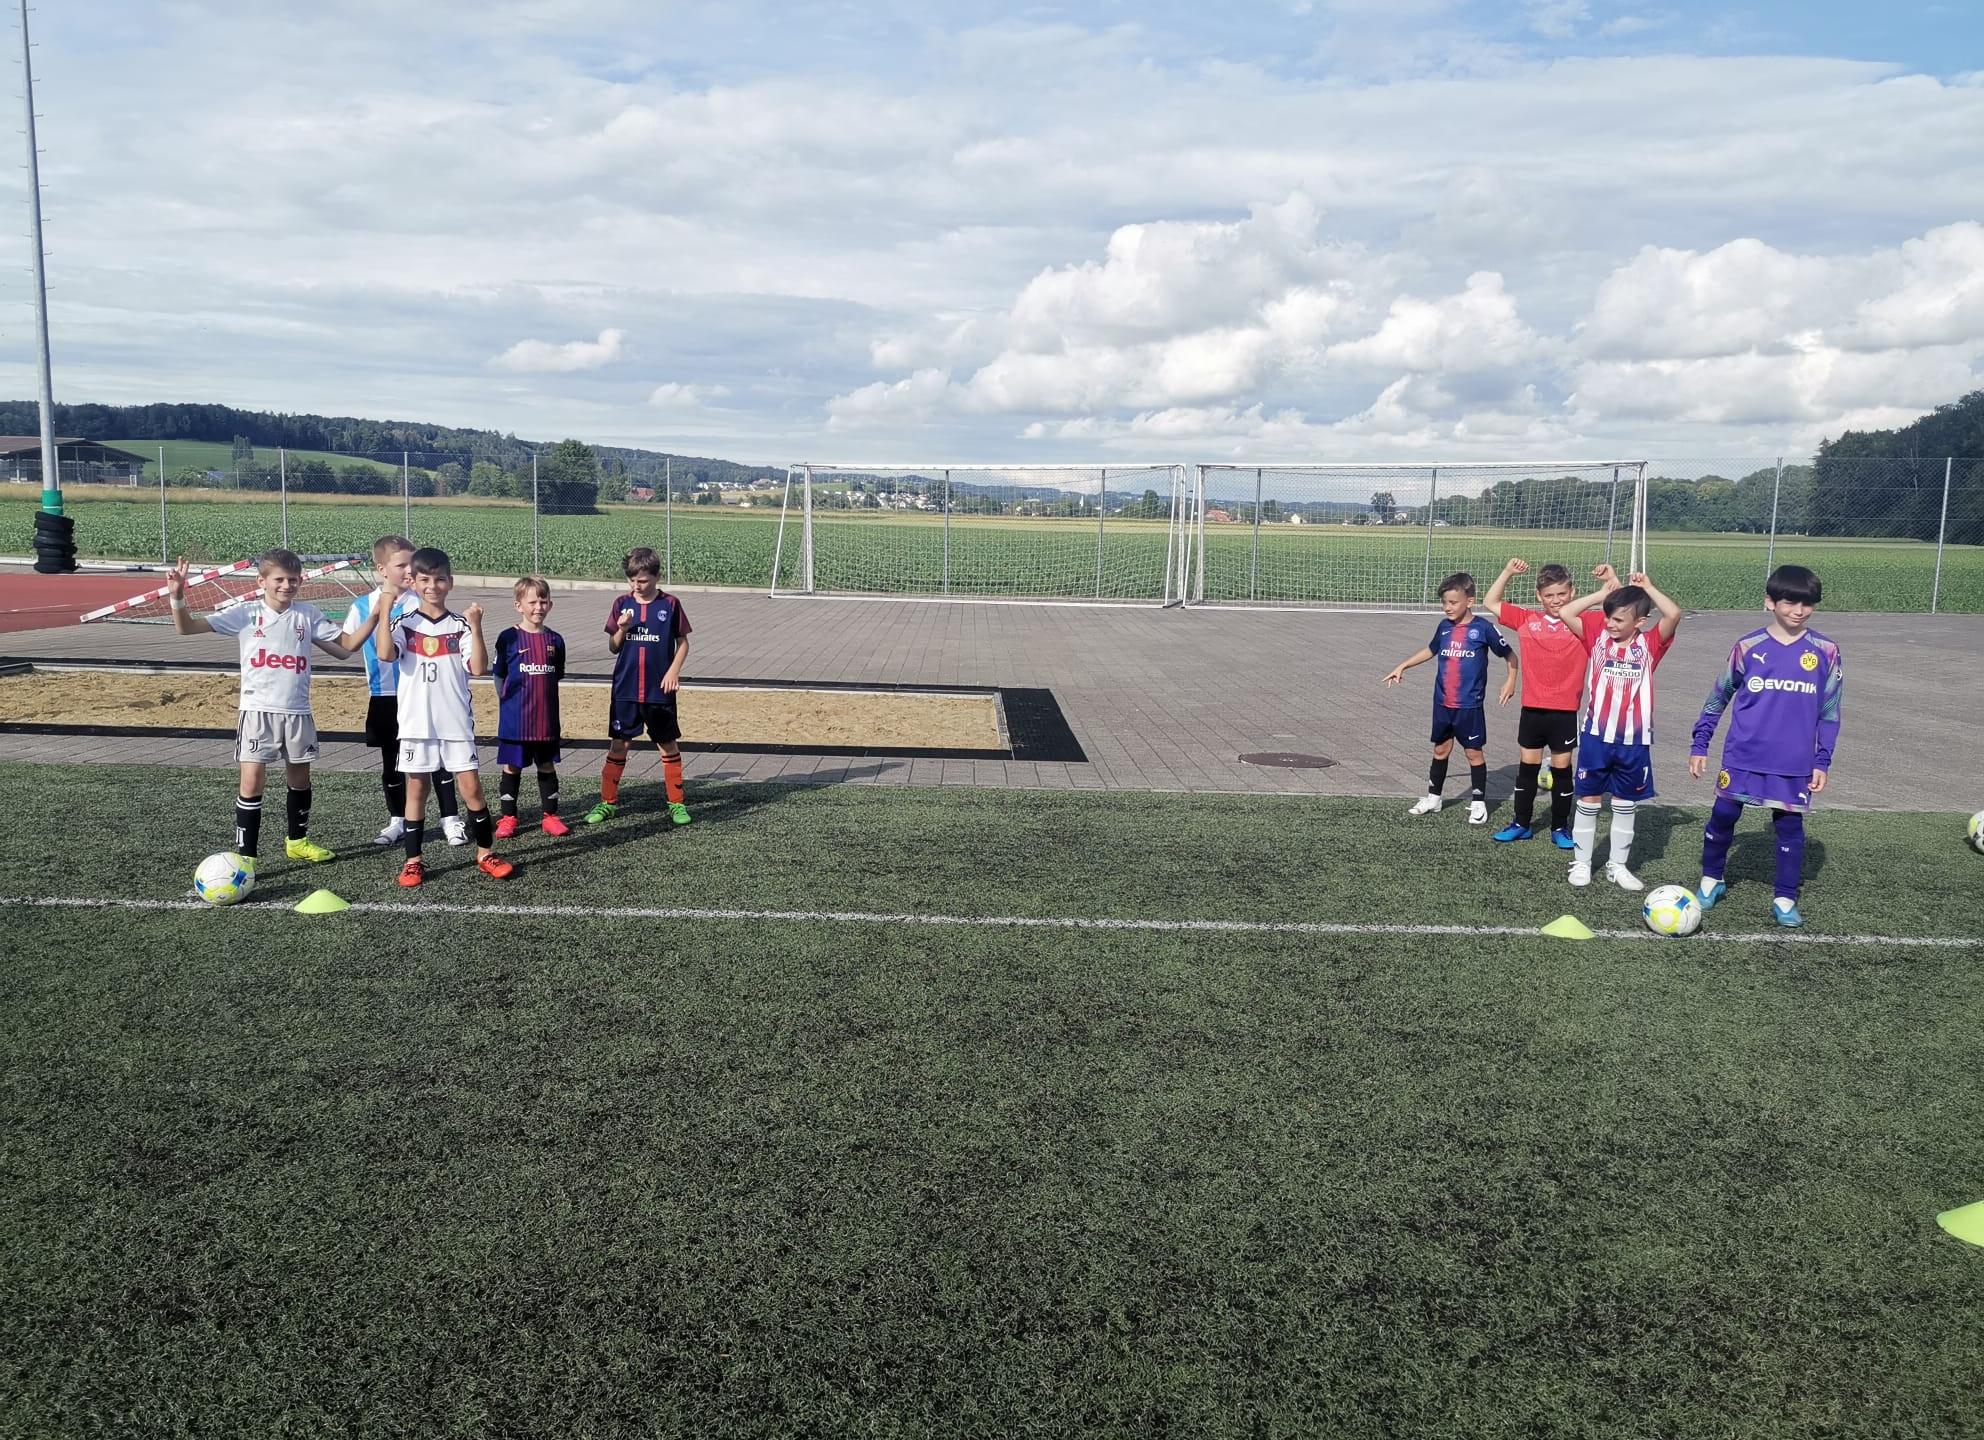 Die Freude am Fussball ist den Junioren anzusehen.